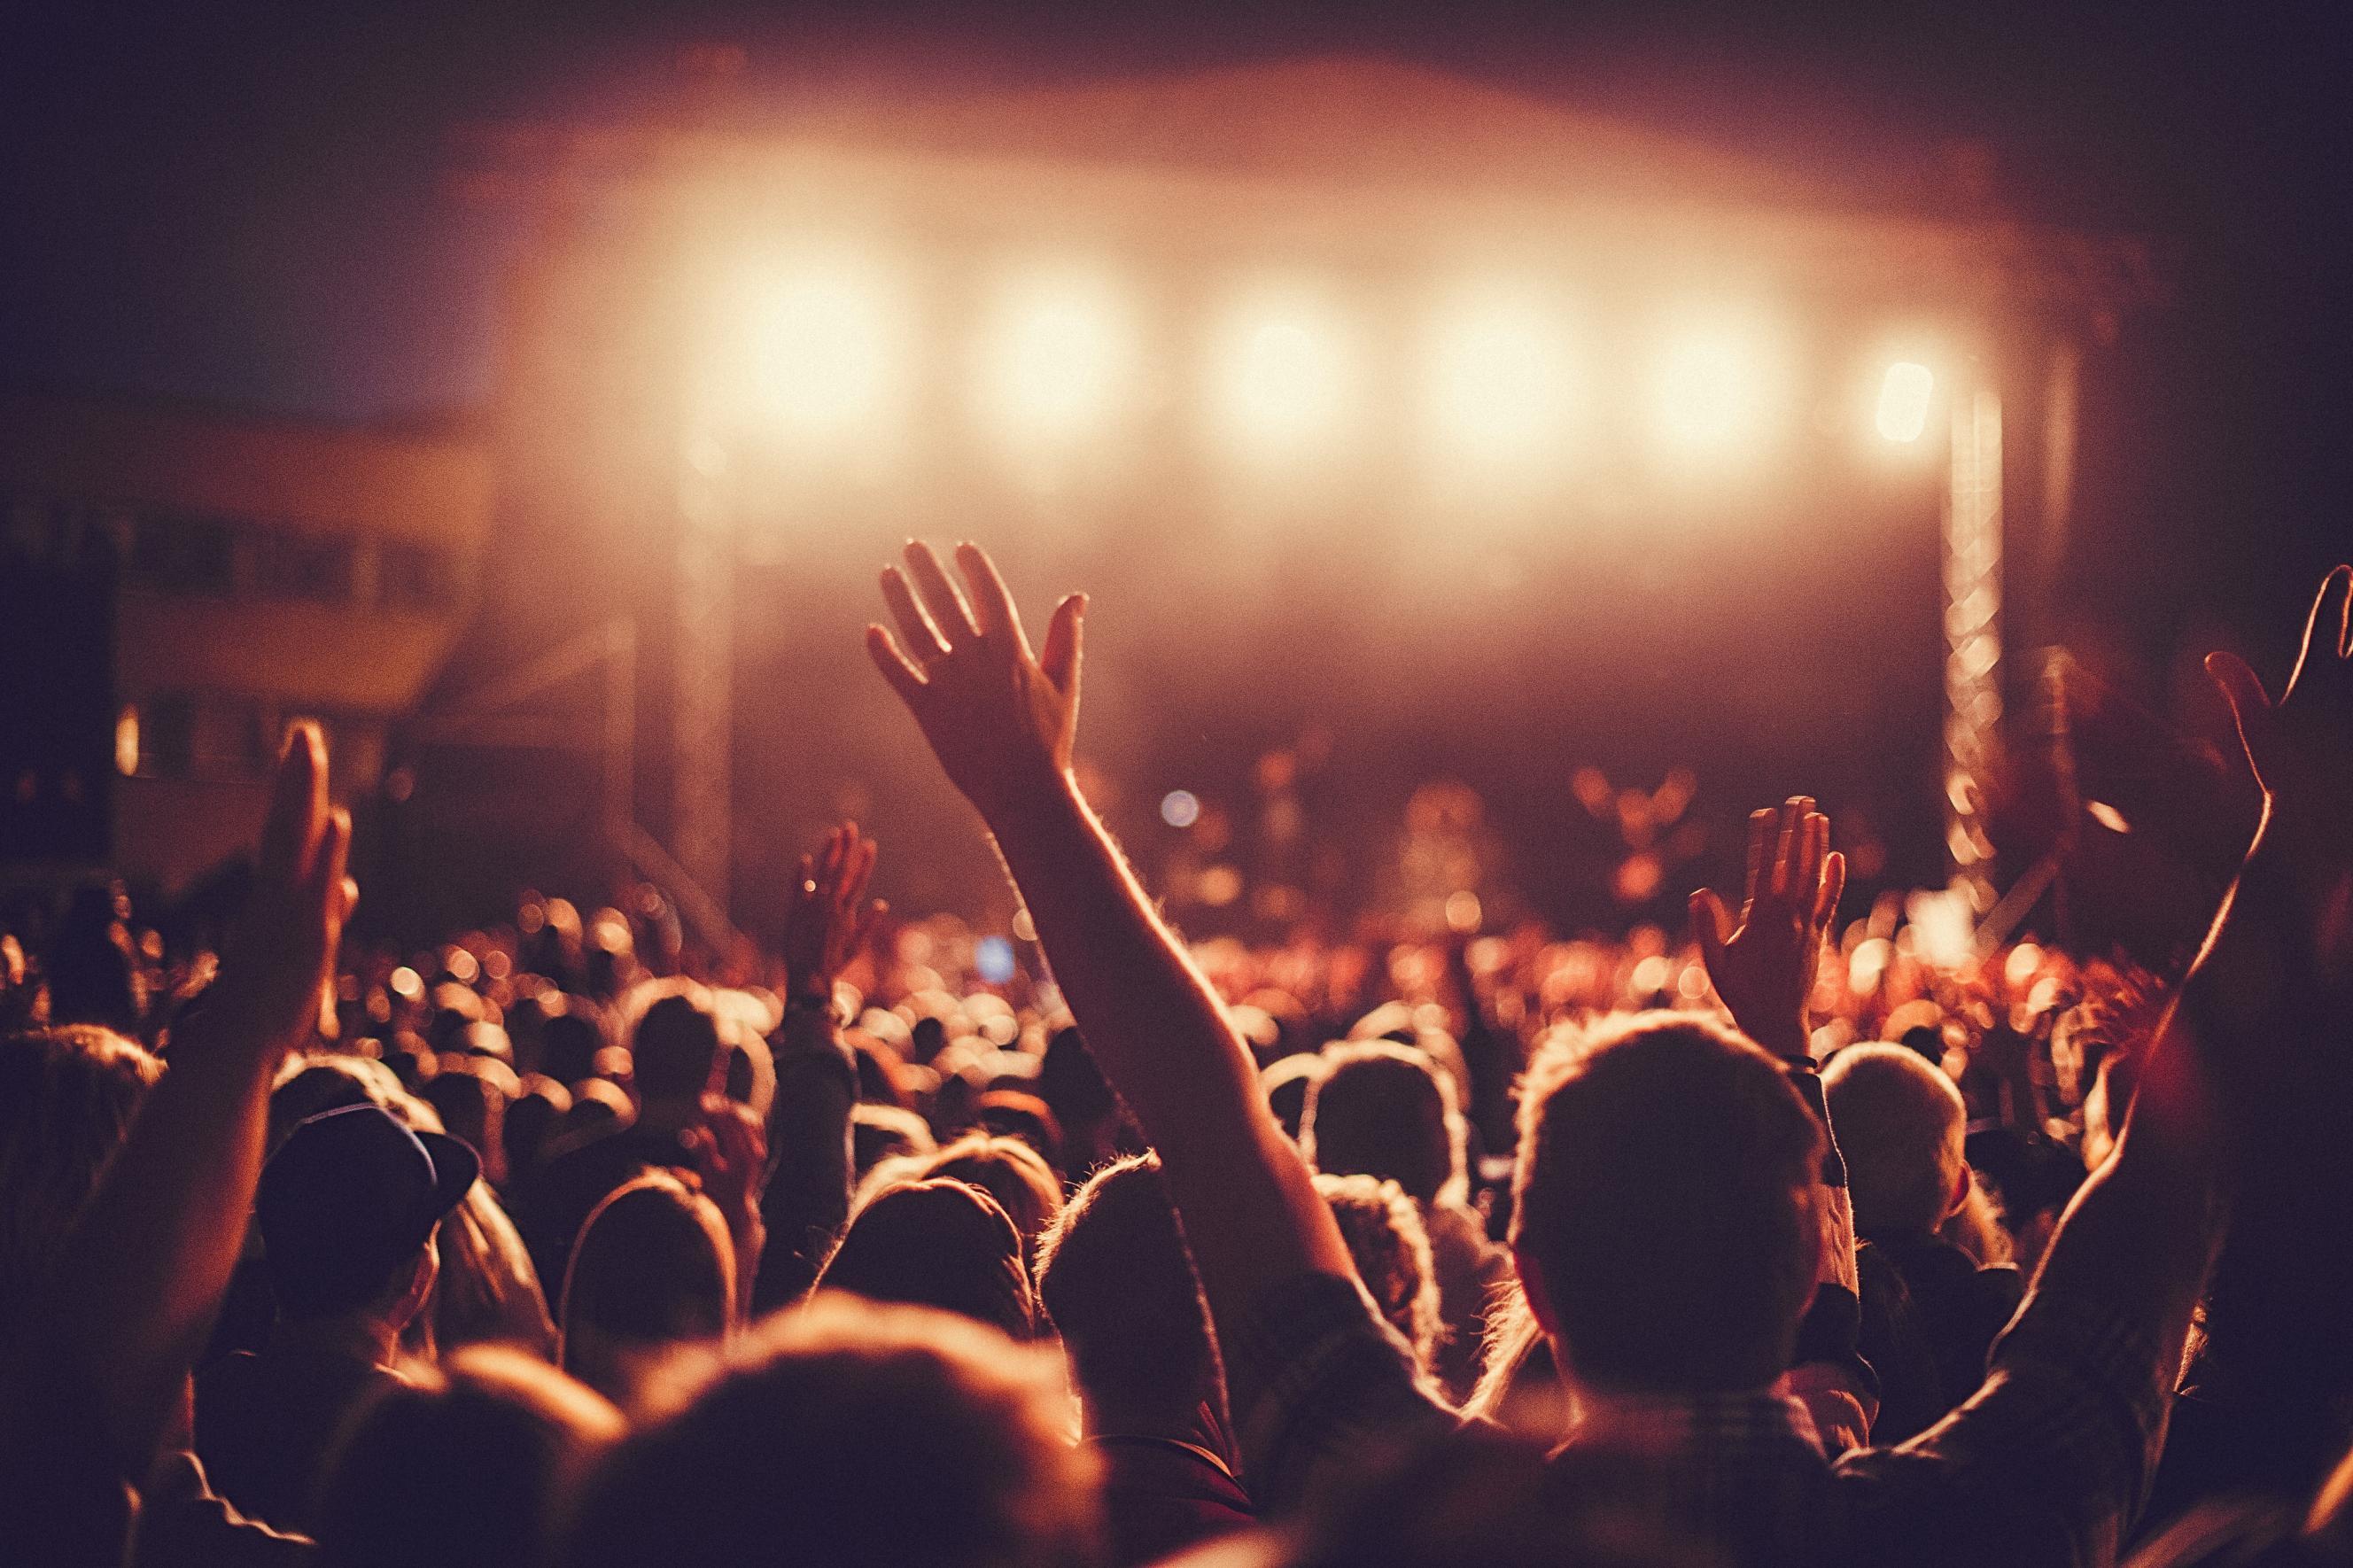 отличие зрители на концерте картинки всего люди размещают